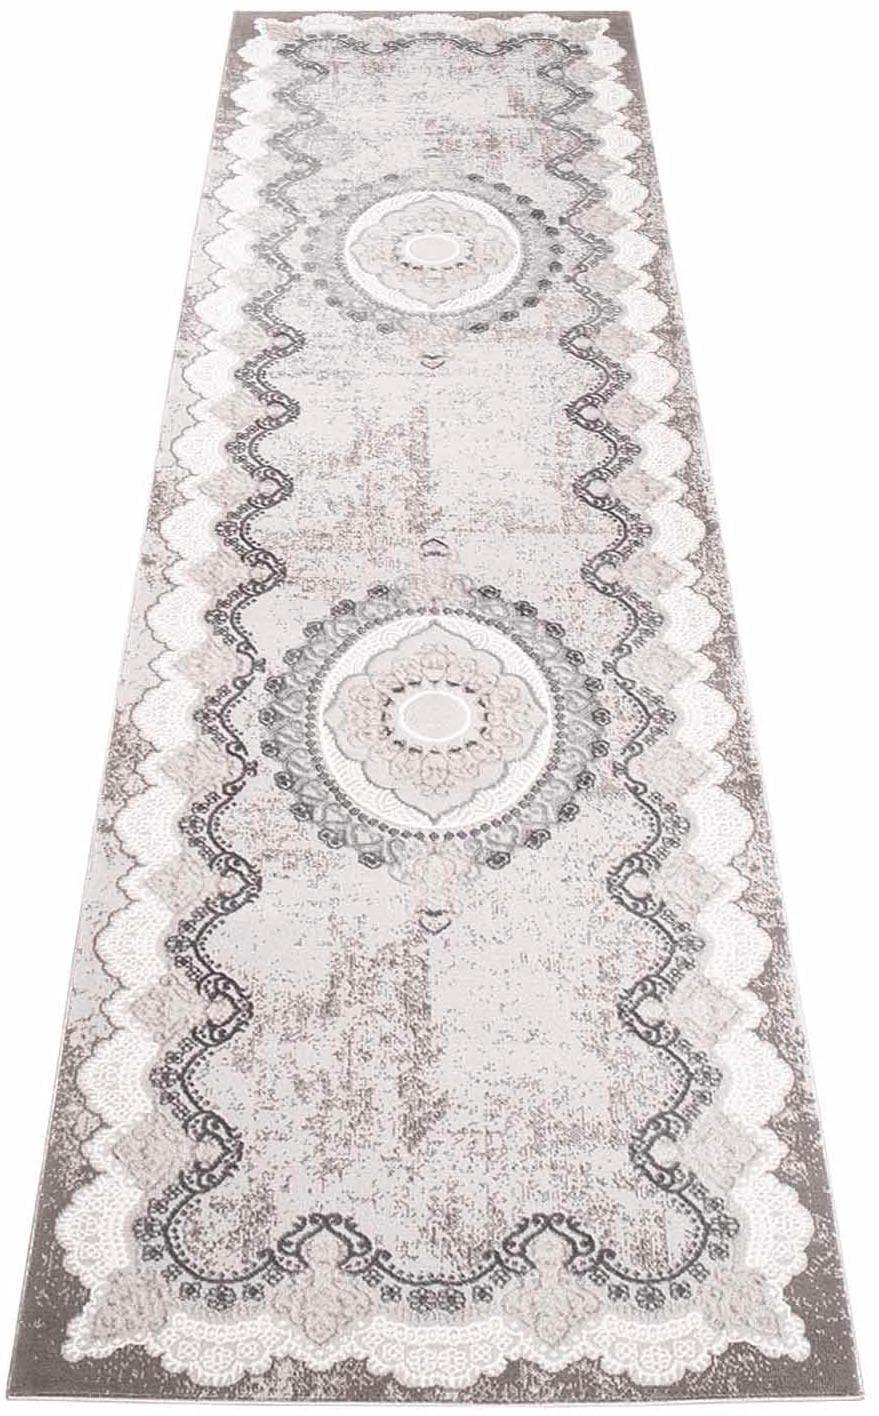 Läufer Platin 7742 Carpet City rechteckig Höhe 11 mm maschinell gewebt